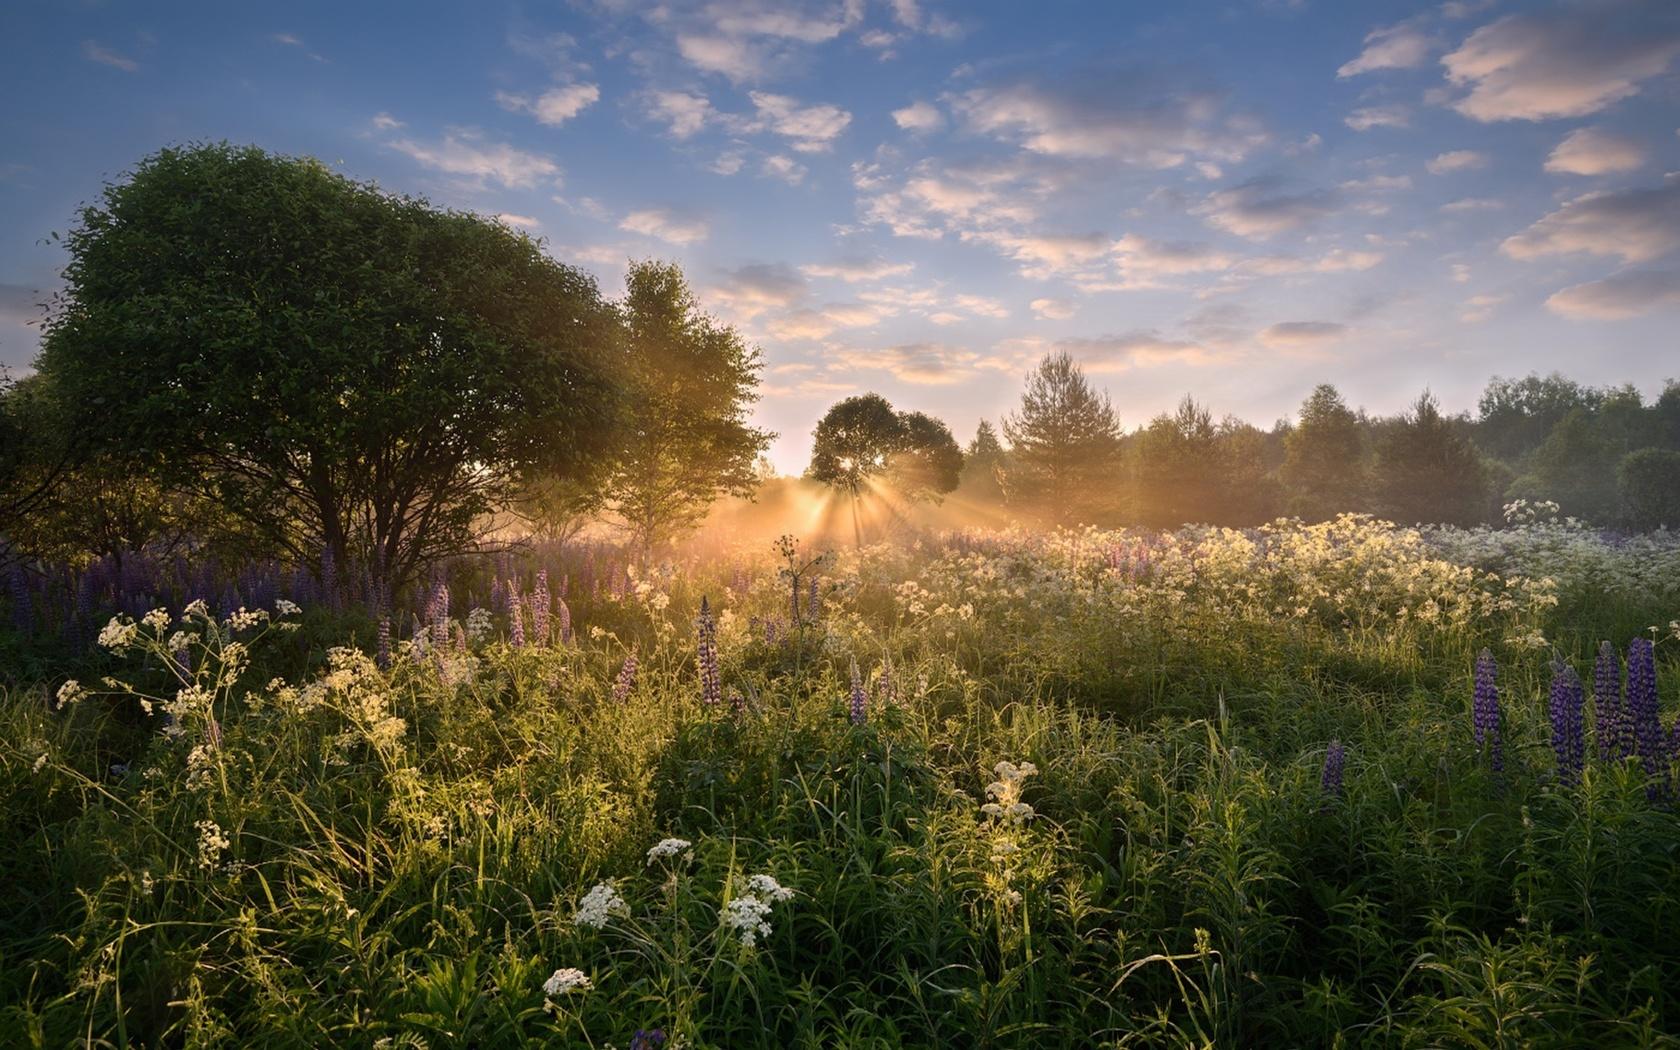 Картинки утренний летний пейзаж